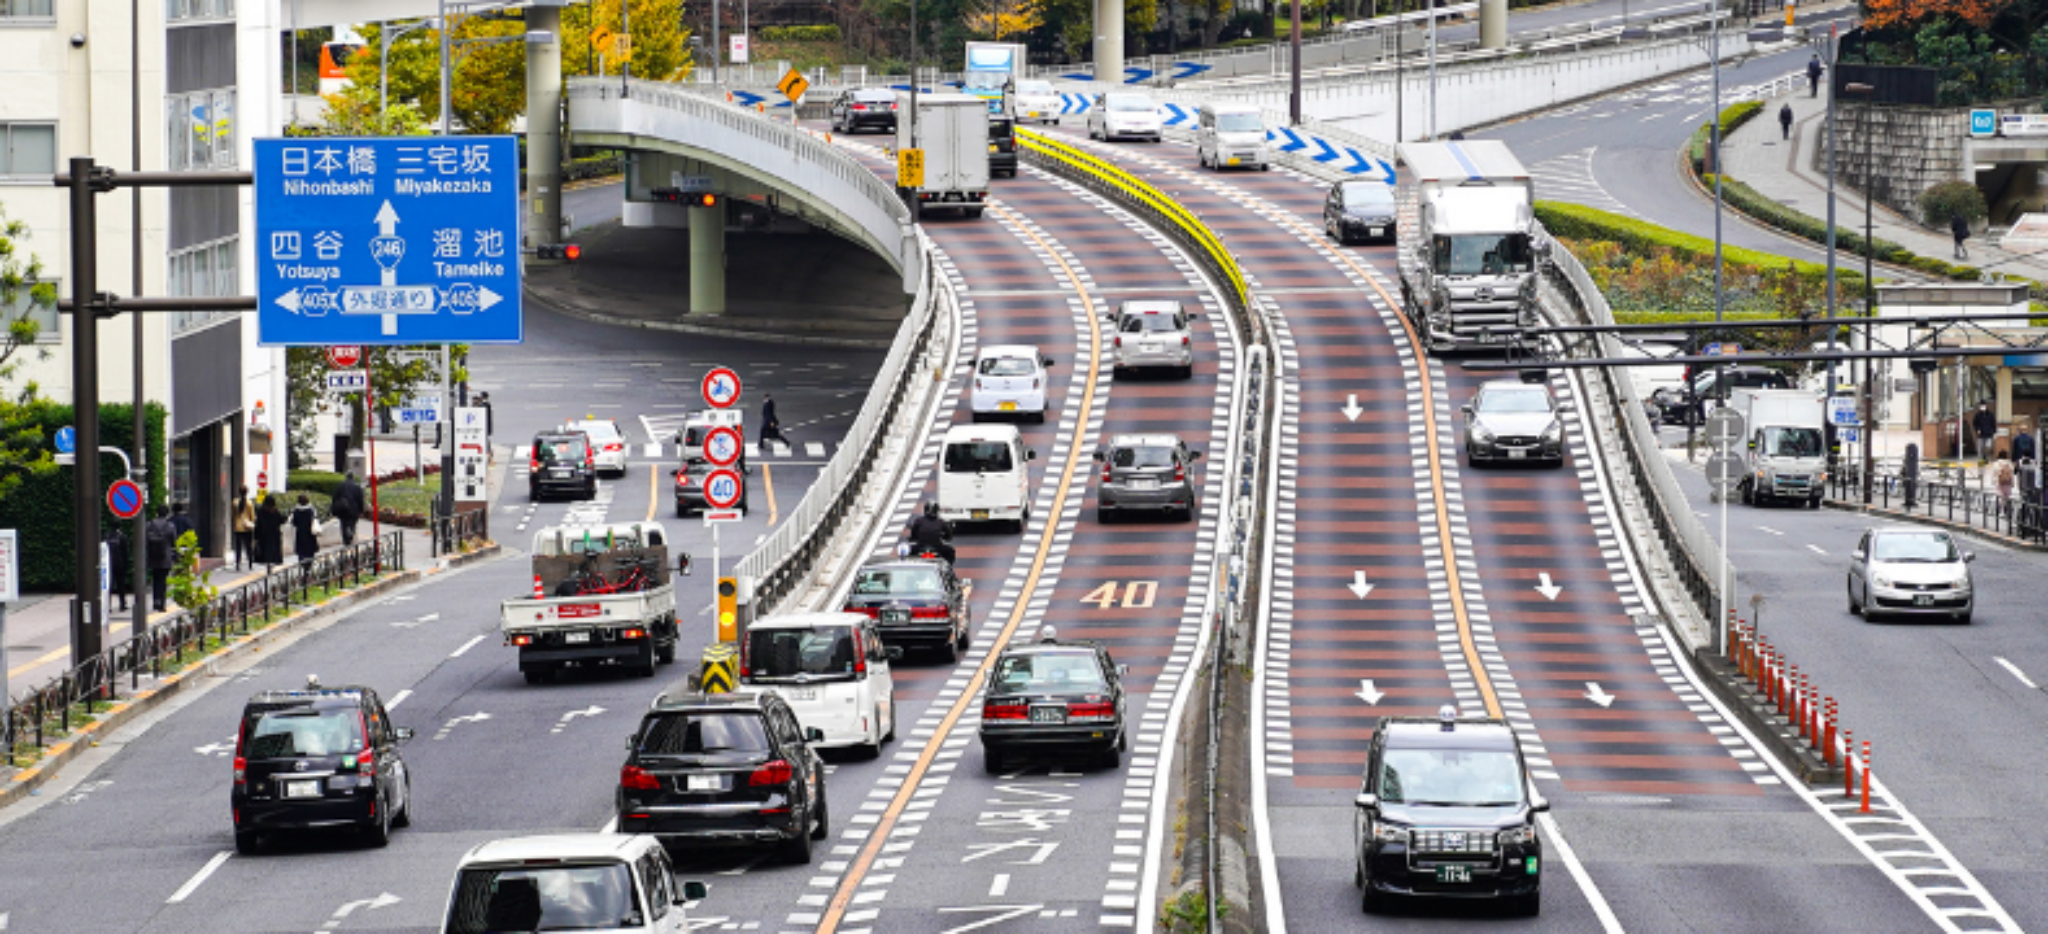 Carteira de motorista no Japão